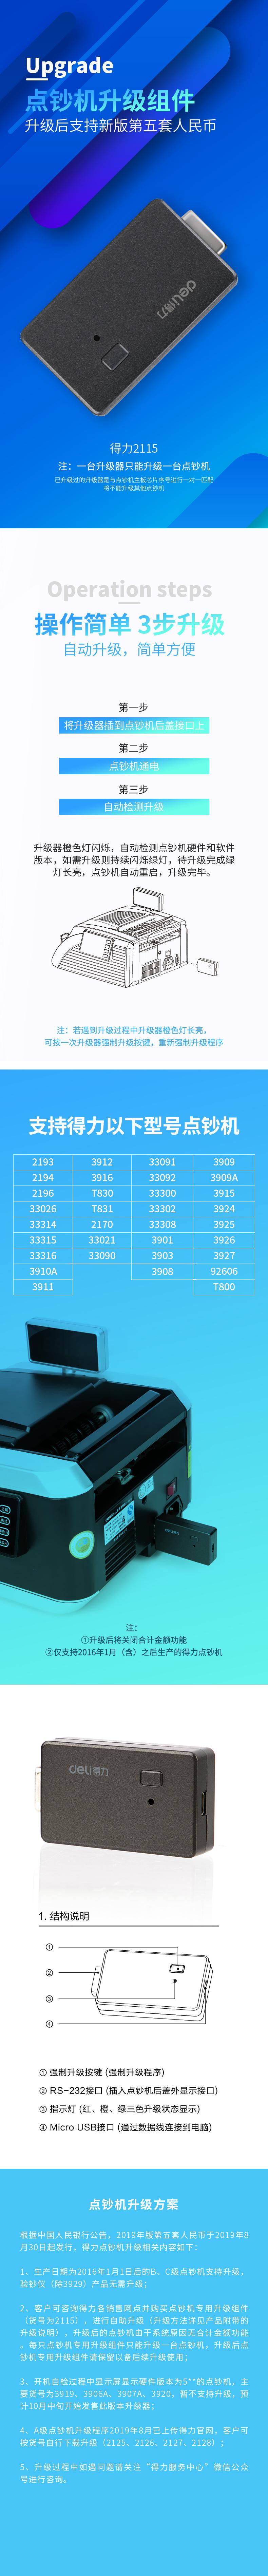 VWIN真人2115点钞机专用升级组件(银灰)(台)